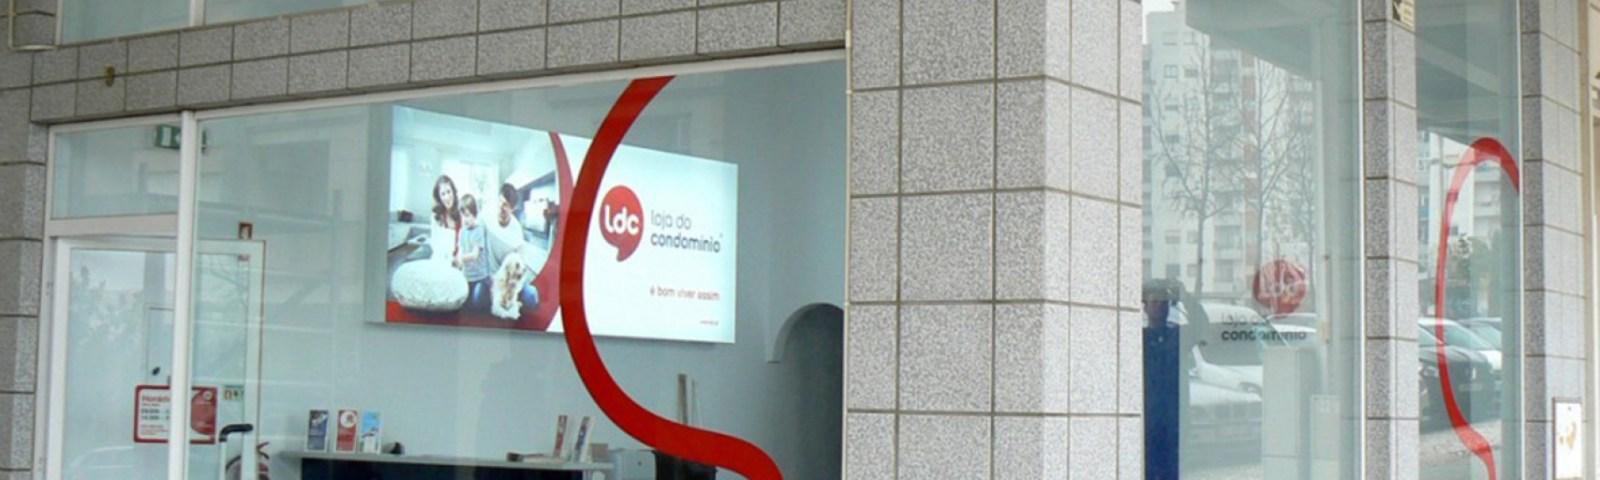 4190-loja-do-condominiofranchising